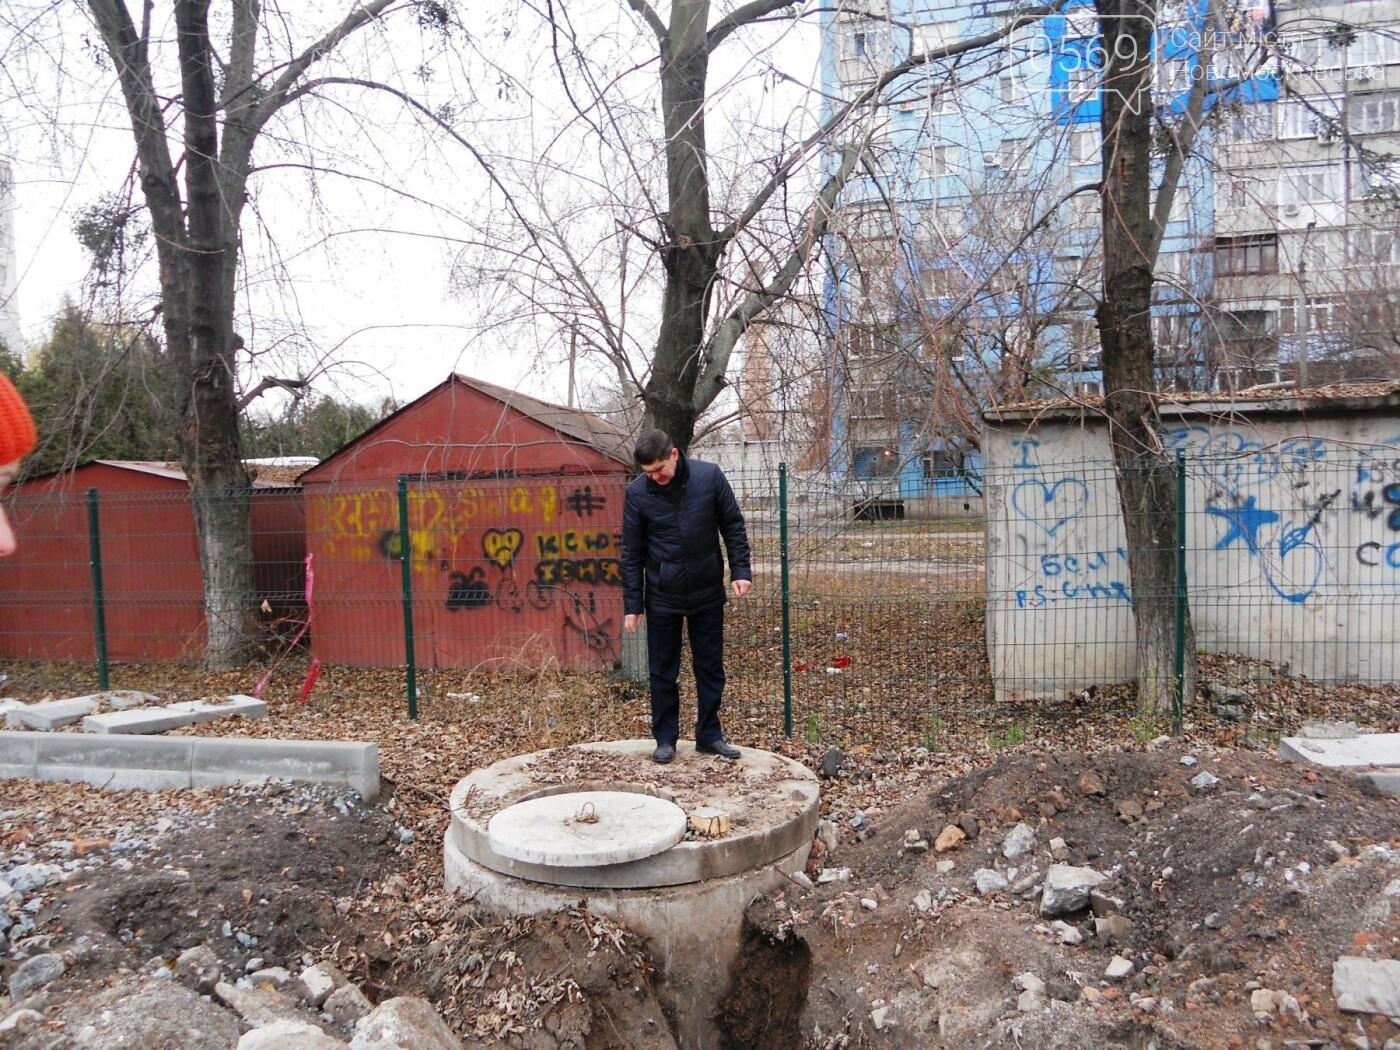 Детсад «Чебурашка» в Новомосковске: реконструкция завершается, а крыша течет, фото-22